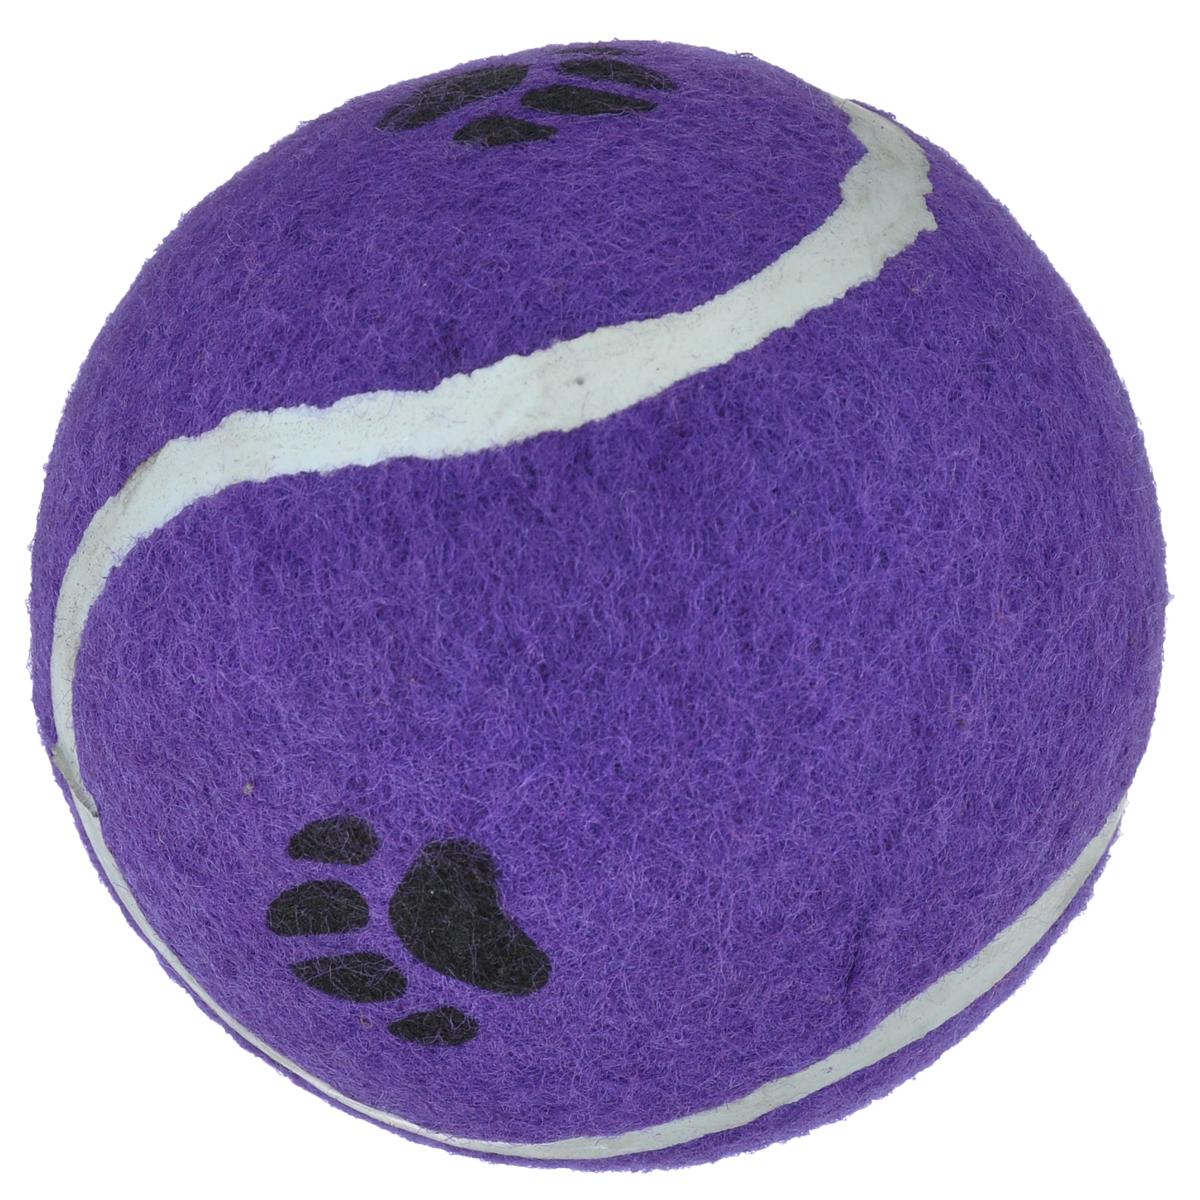 Игрушка для собак I.P.T.S. Мячик теннисный с отпечатками лап, цвет: фиолетовый, диаметр 10 см16211/625596_фиолетовыйИгрушка для собак I.P.T.S. Мячик теннисный с отпечатками лап изготовлена из прочной цветной резины с ворсистой поверхностью в виде реального теннисного мяча с отпечатками лап. Предназначена для игр с собакой любого возраста. Такая игрушка привлечет внимание вашего любимца и не оставит его равнодушным. Диаметр: 10 см.